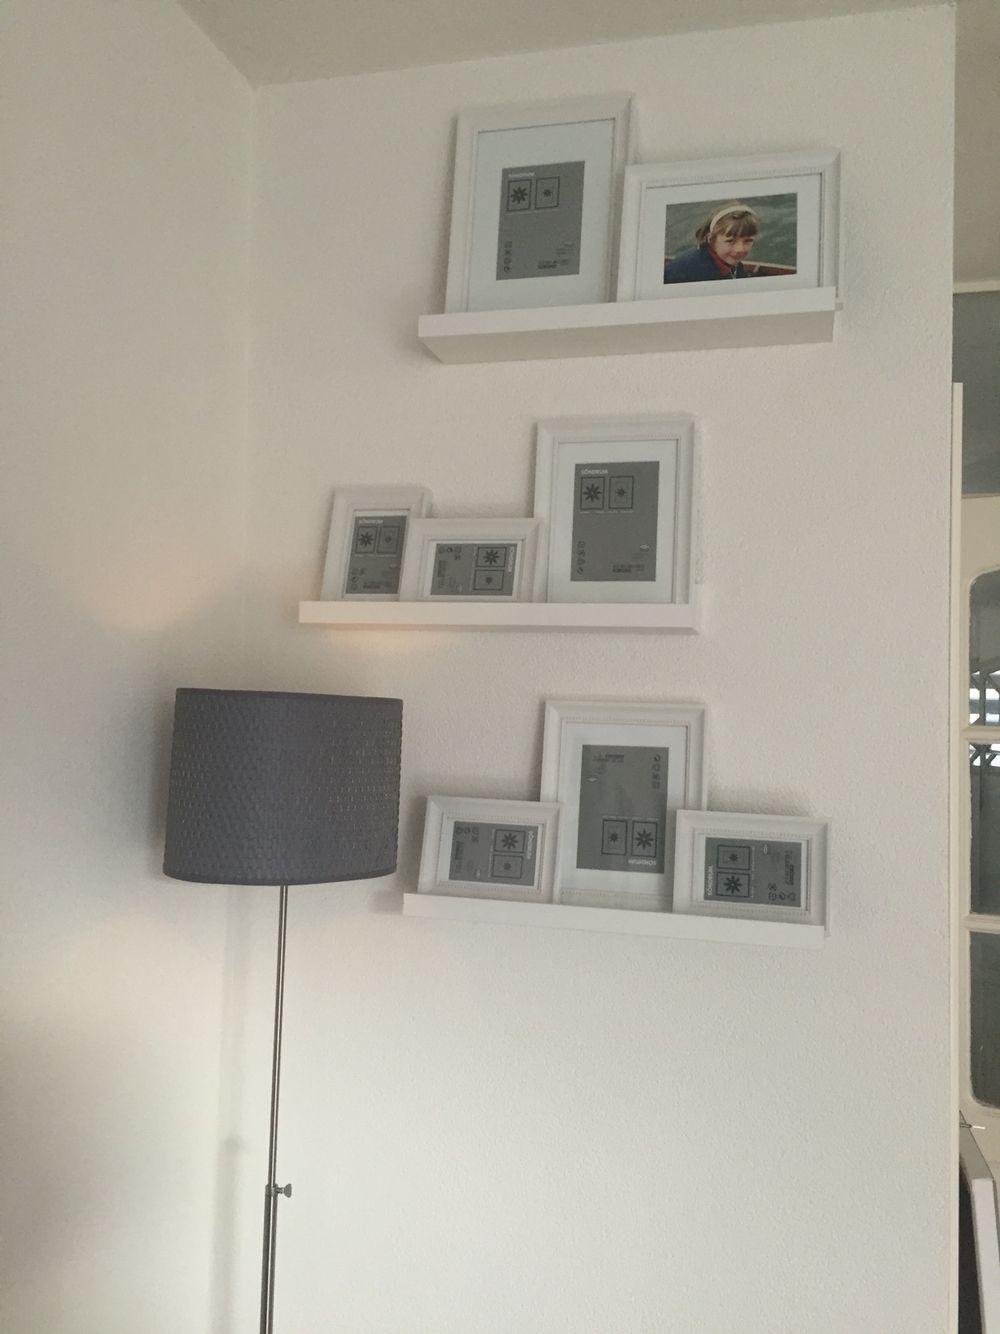 fotowand mosslanda en s ndrum van de ikea nu nog persoonlijk maken met foto 39 s ikea. Black Bedroom Furniture Sets. Home Design Ideas